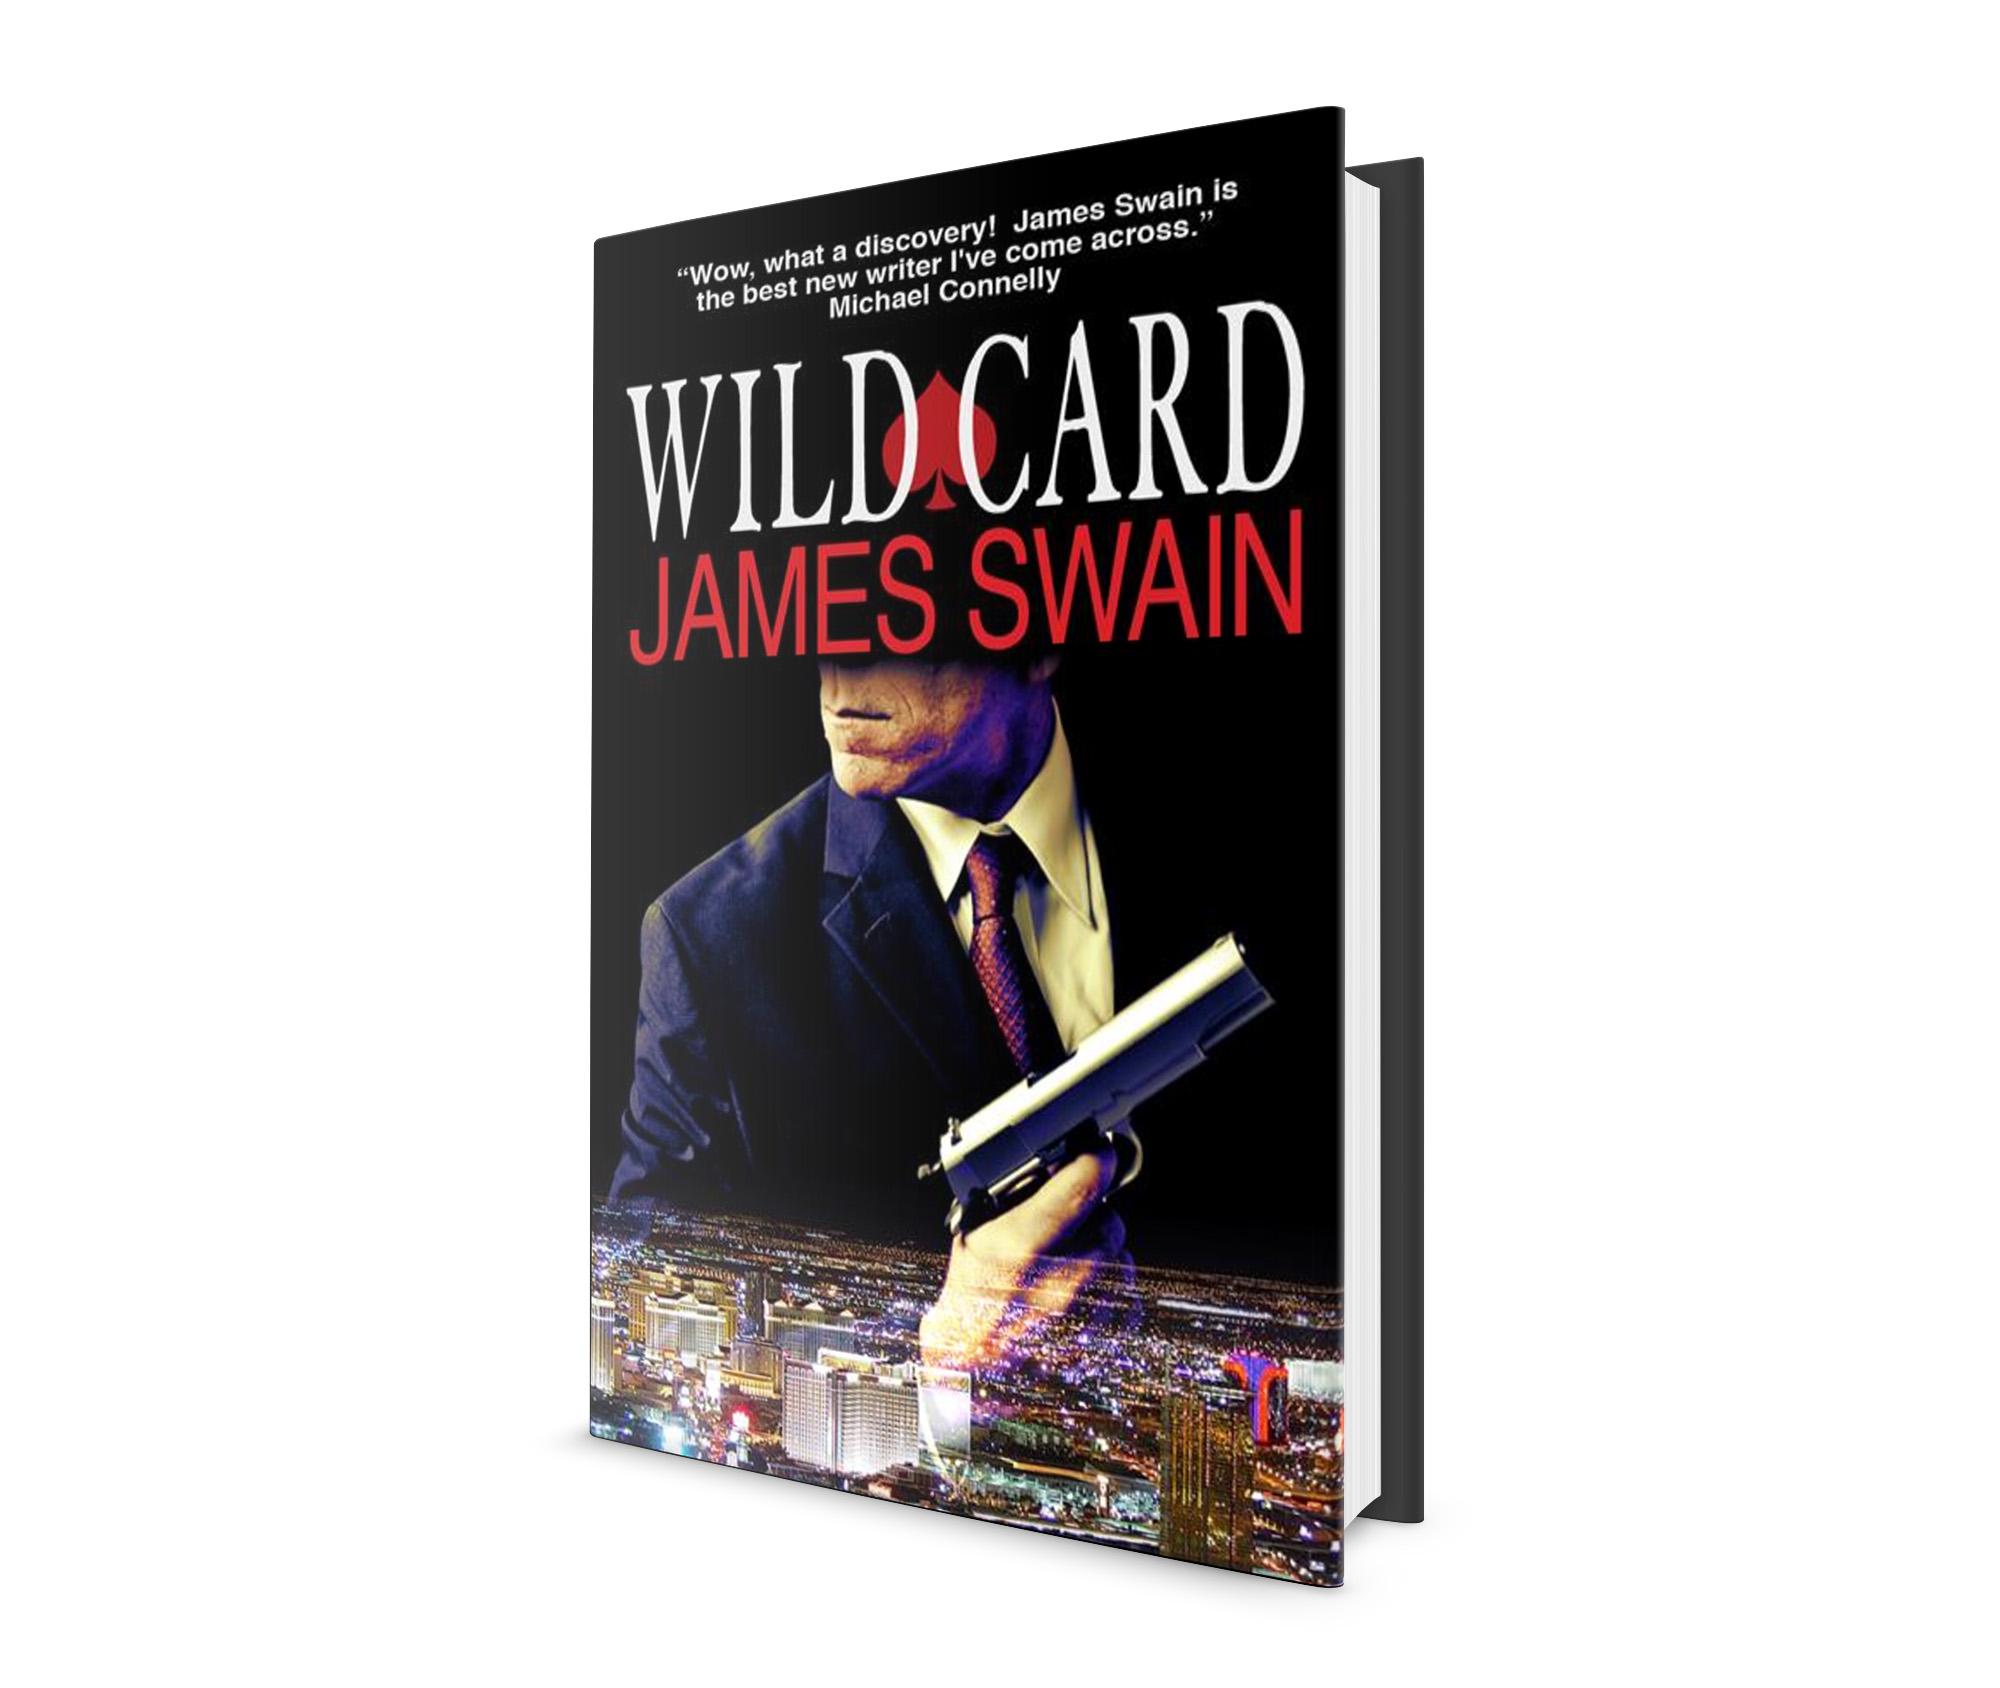 Wildcard2.jpg